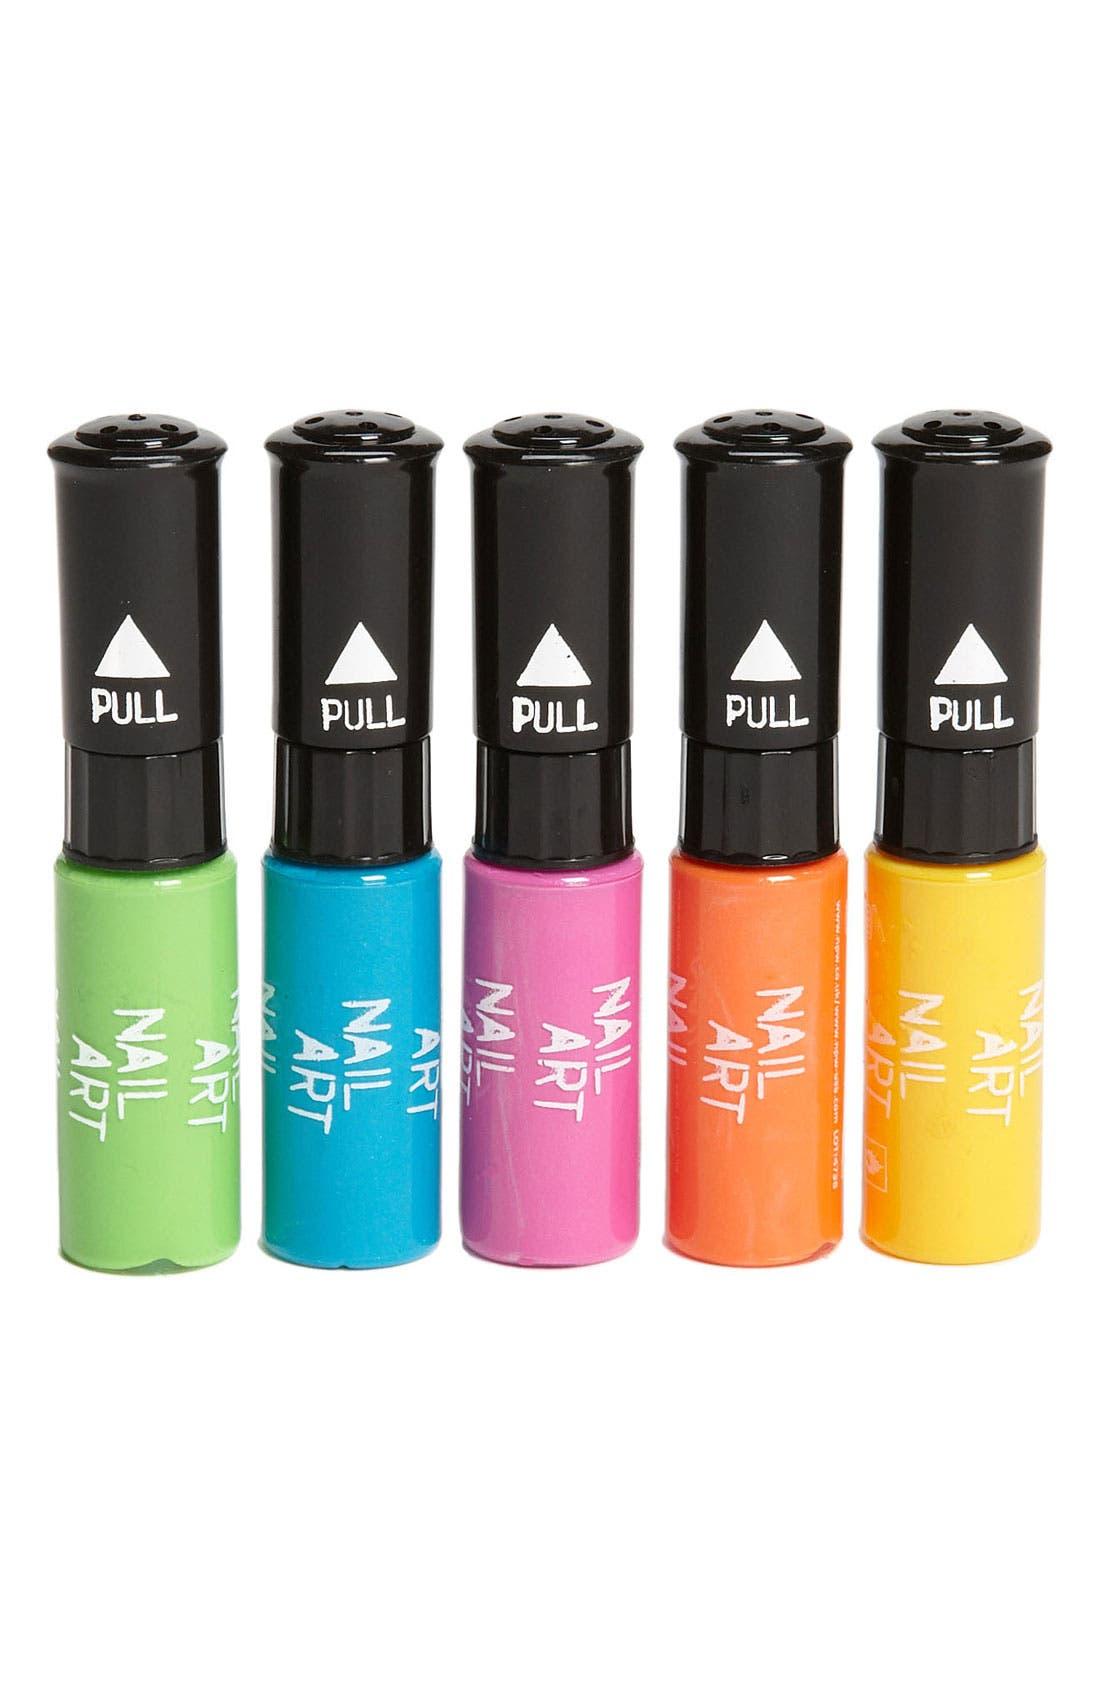 Nail Art Pens, Main, color, 960